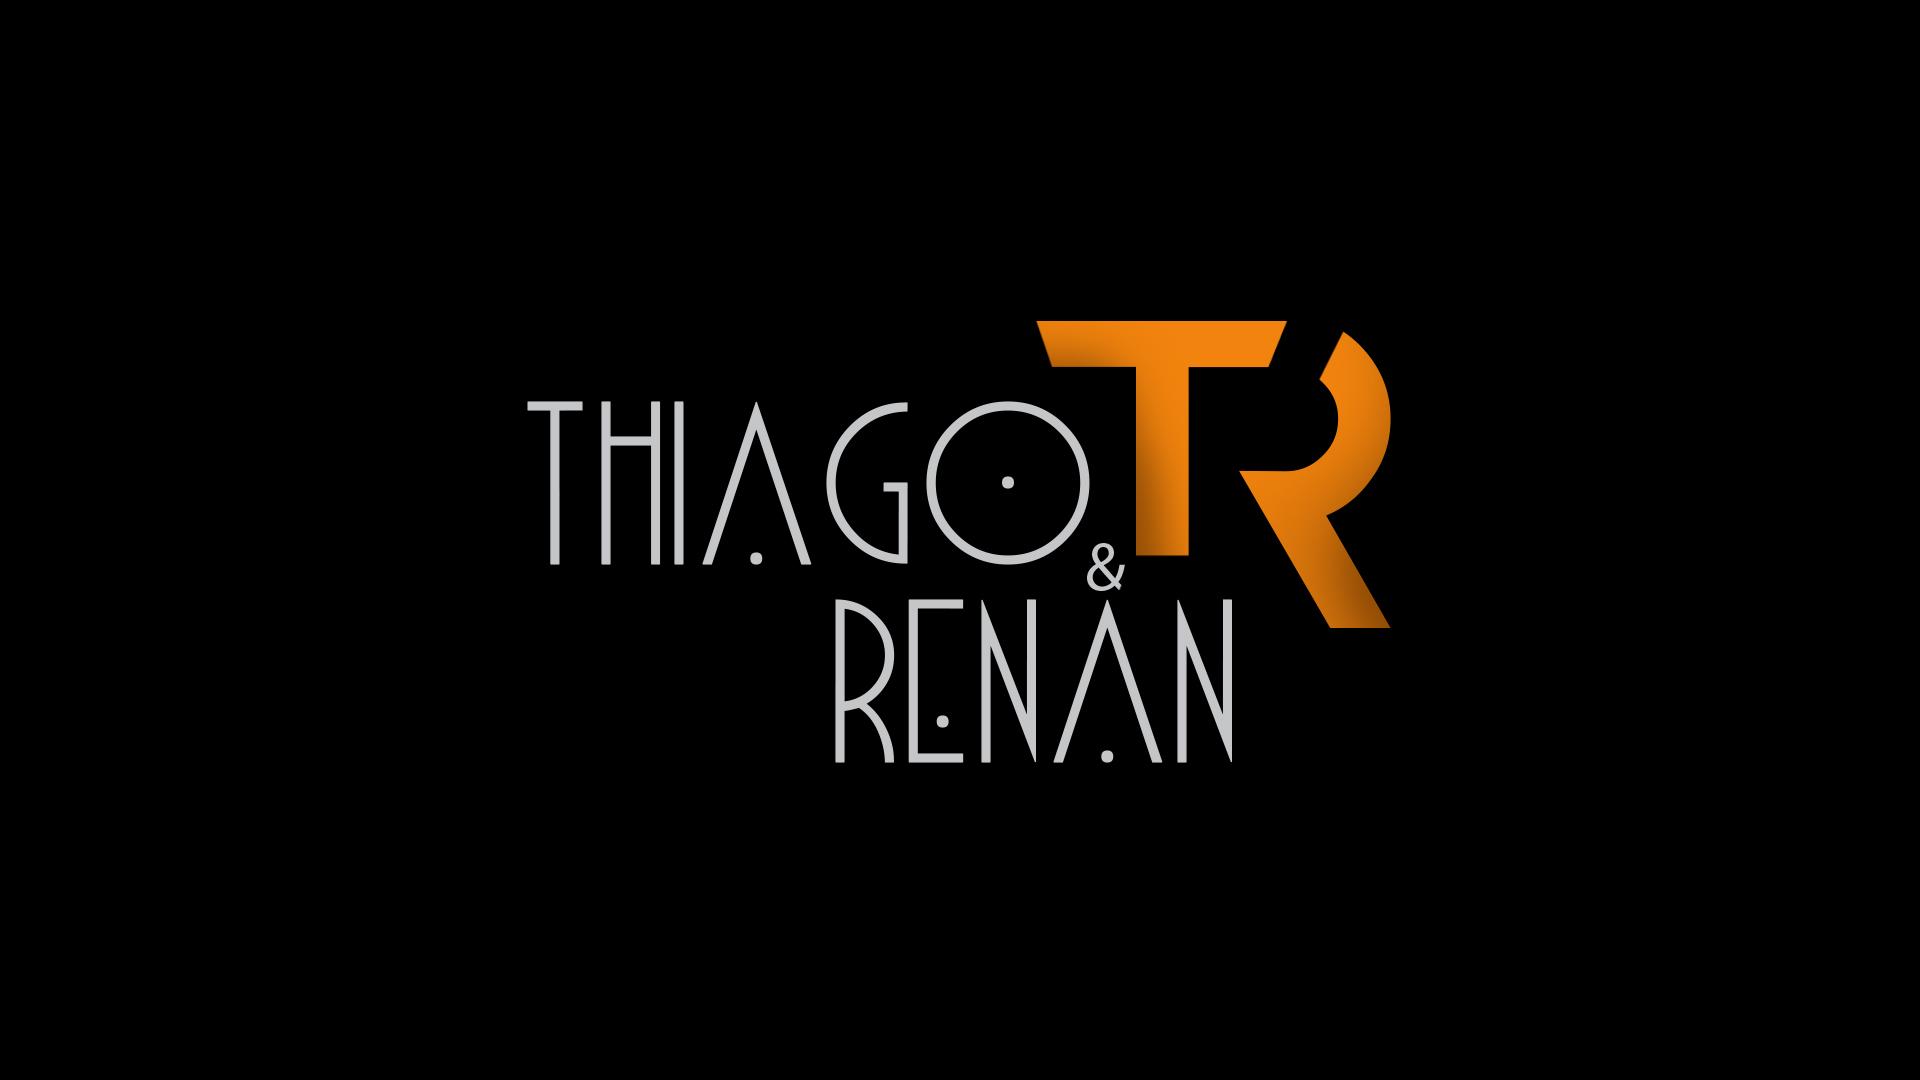 Thiago e Renan